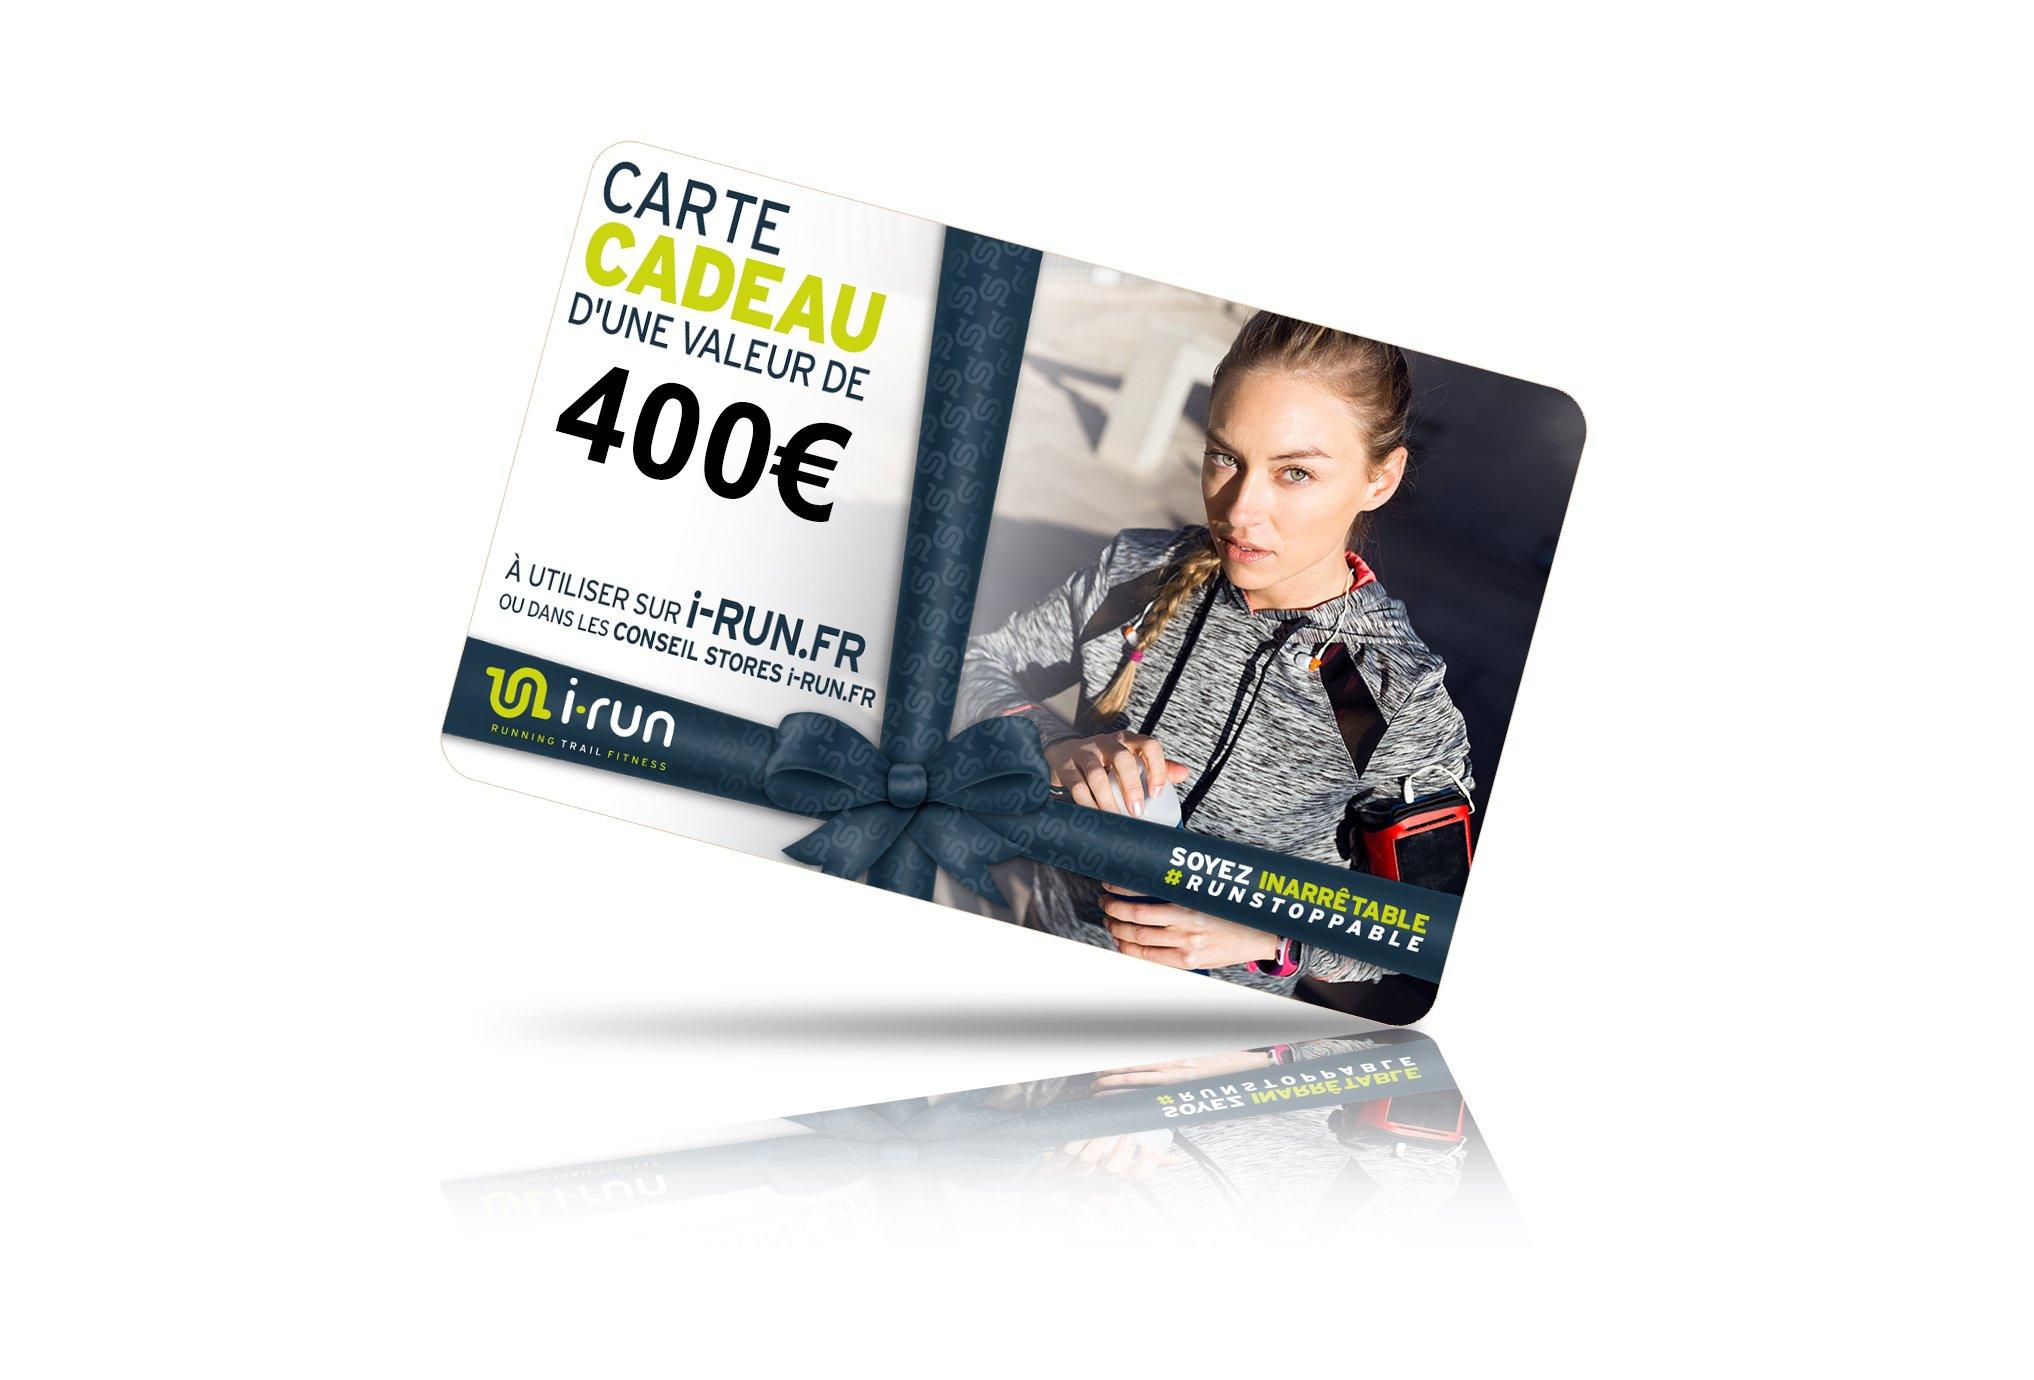 I-Run.Fr Carte cadeau 400 w cartes cadeau